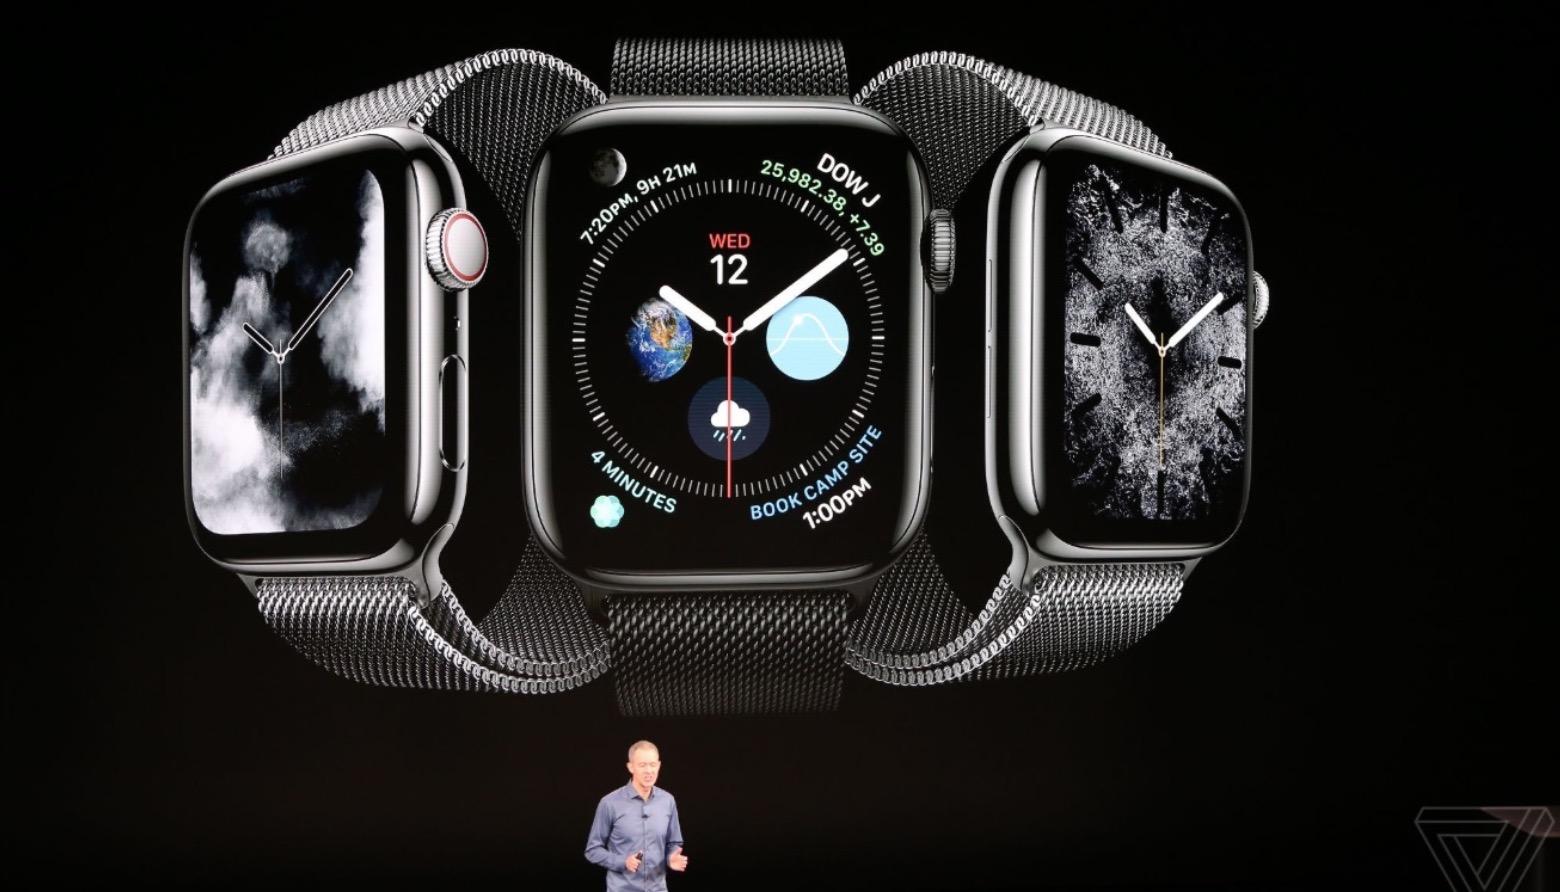 Apple Watch series 4 ra mắt với màn hình lớn, viền mỏng, nhiều tính năng ấn tượng, giá từ 399 USD